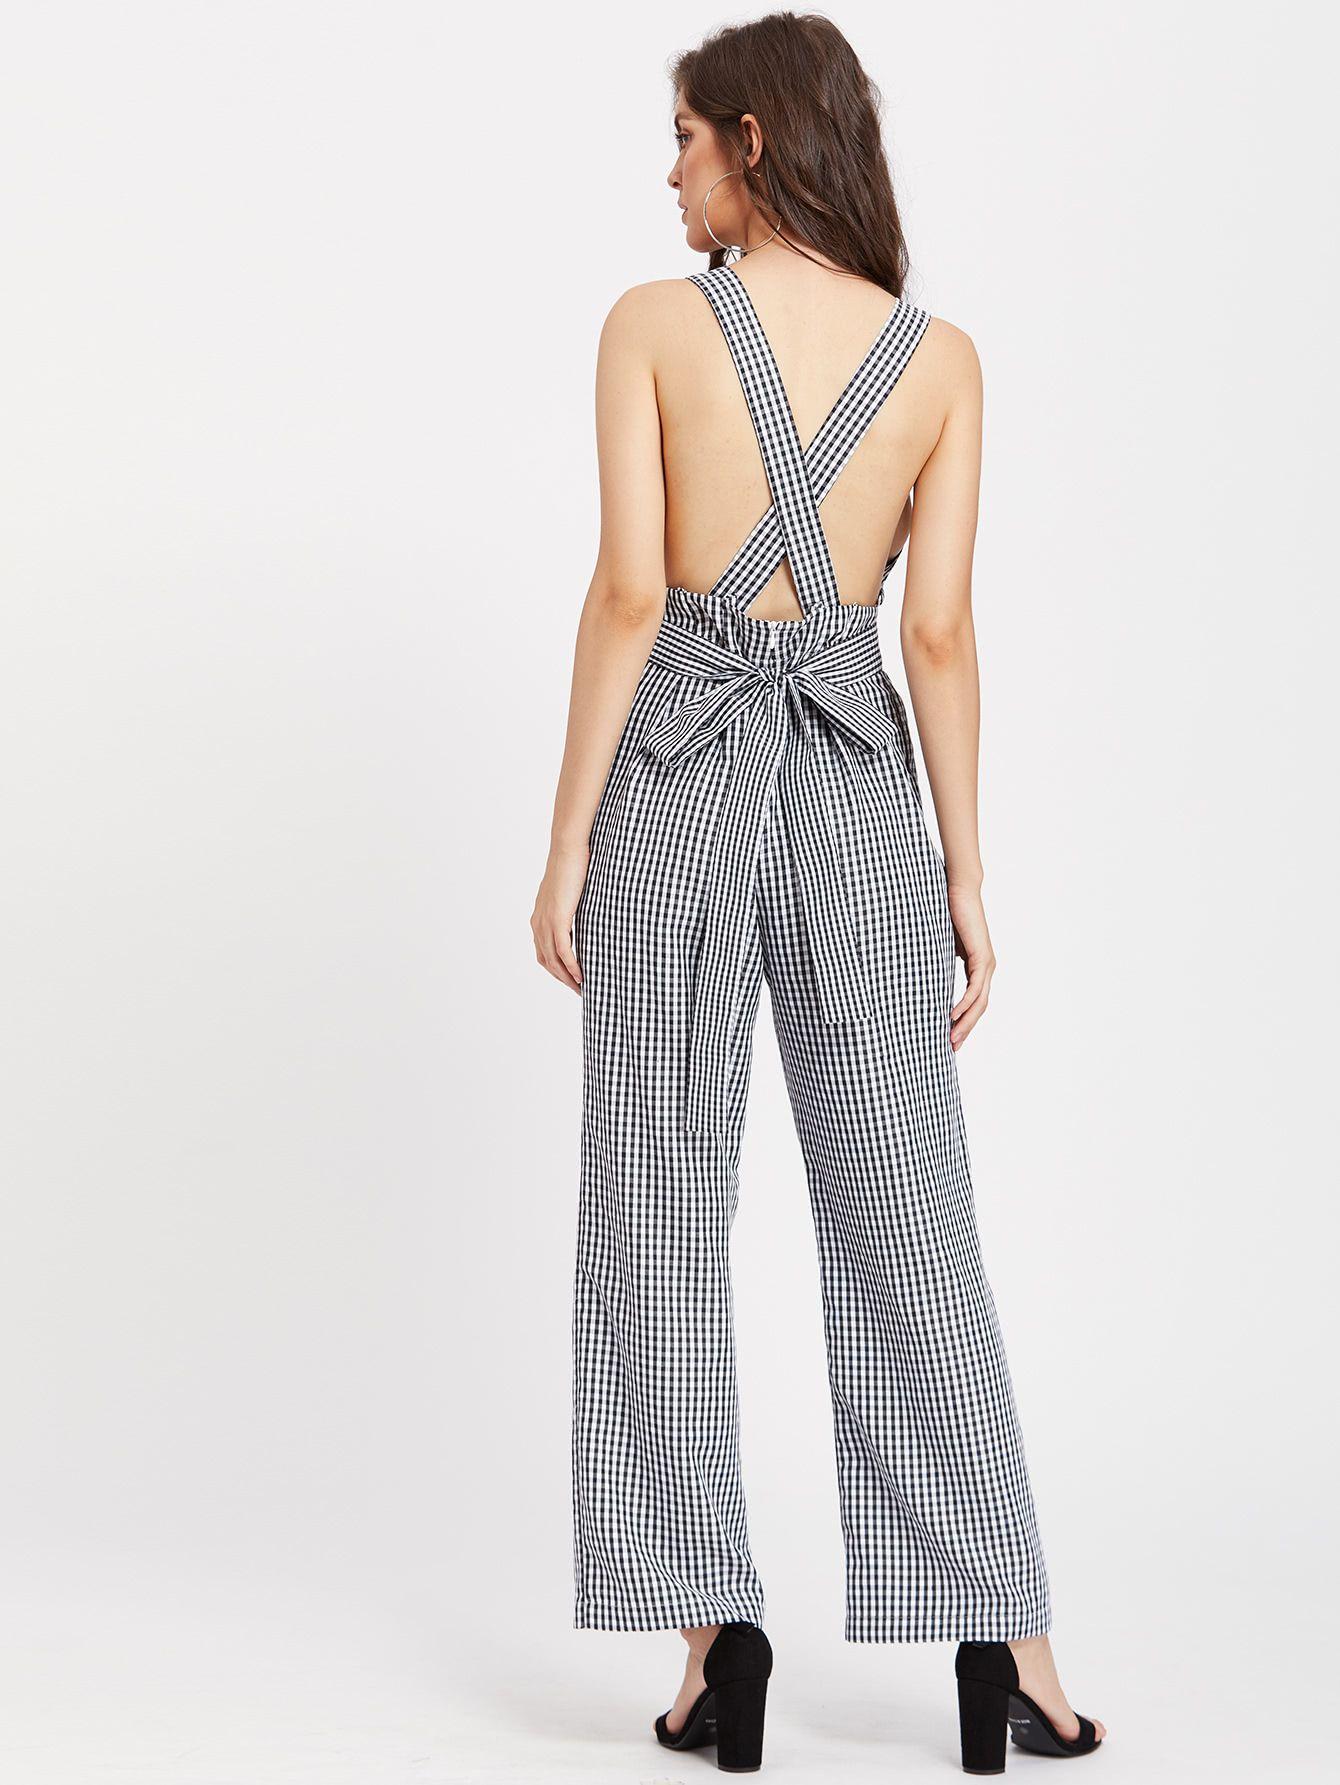 13855530075d7 Self Tie Crisscross Back Checkered Pinafore Jumpsuit -SheIn(Sheinside)